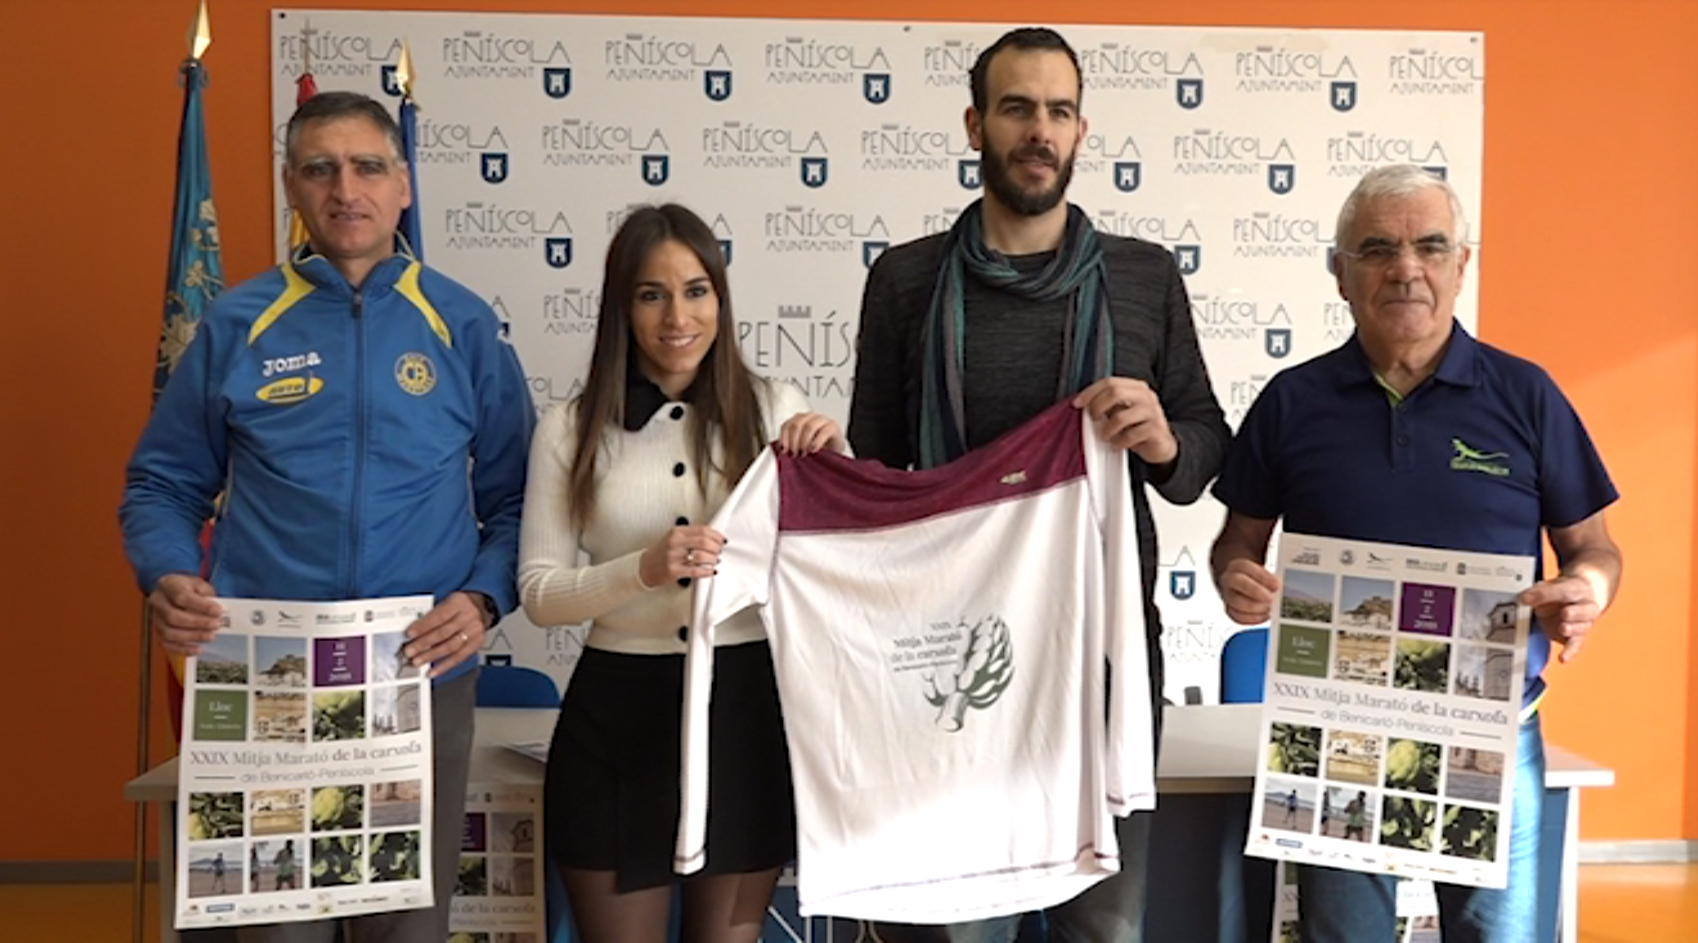 Benicarló i Peníscola acolliran l'11 de febrer la 29a Mitja Marató de la carxofa